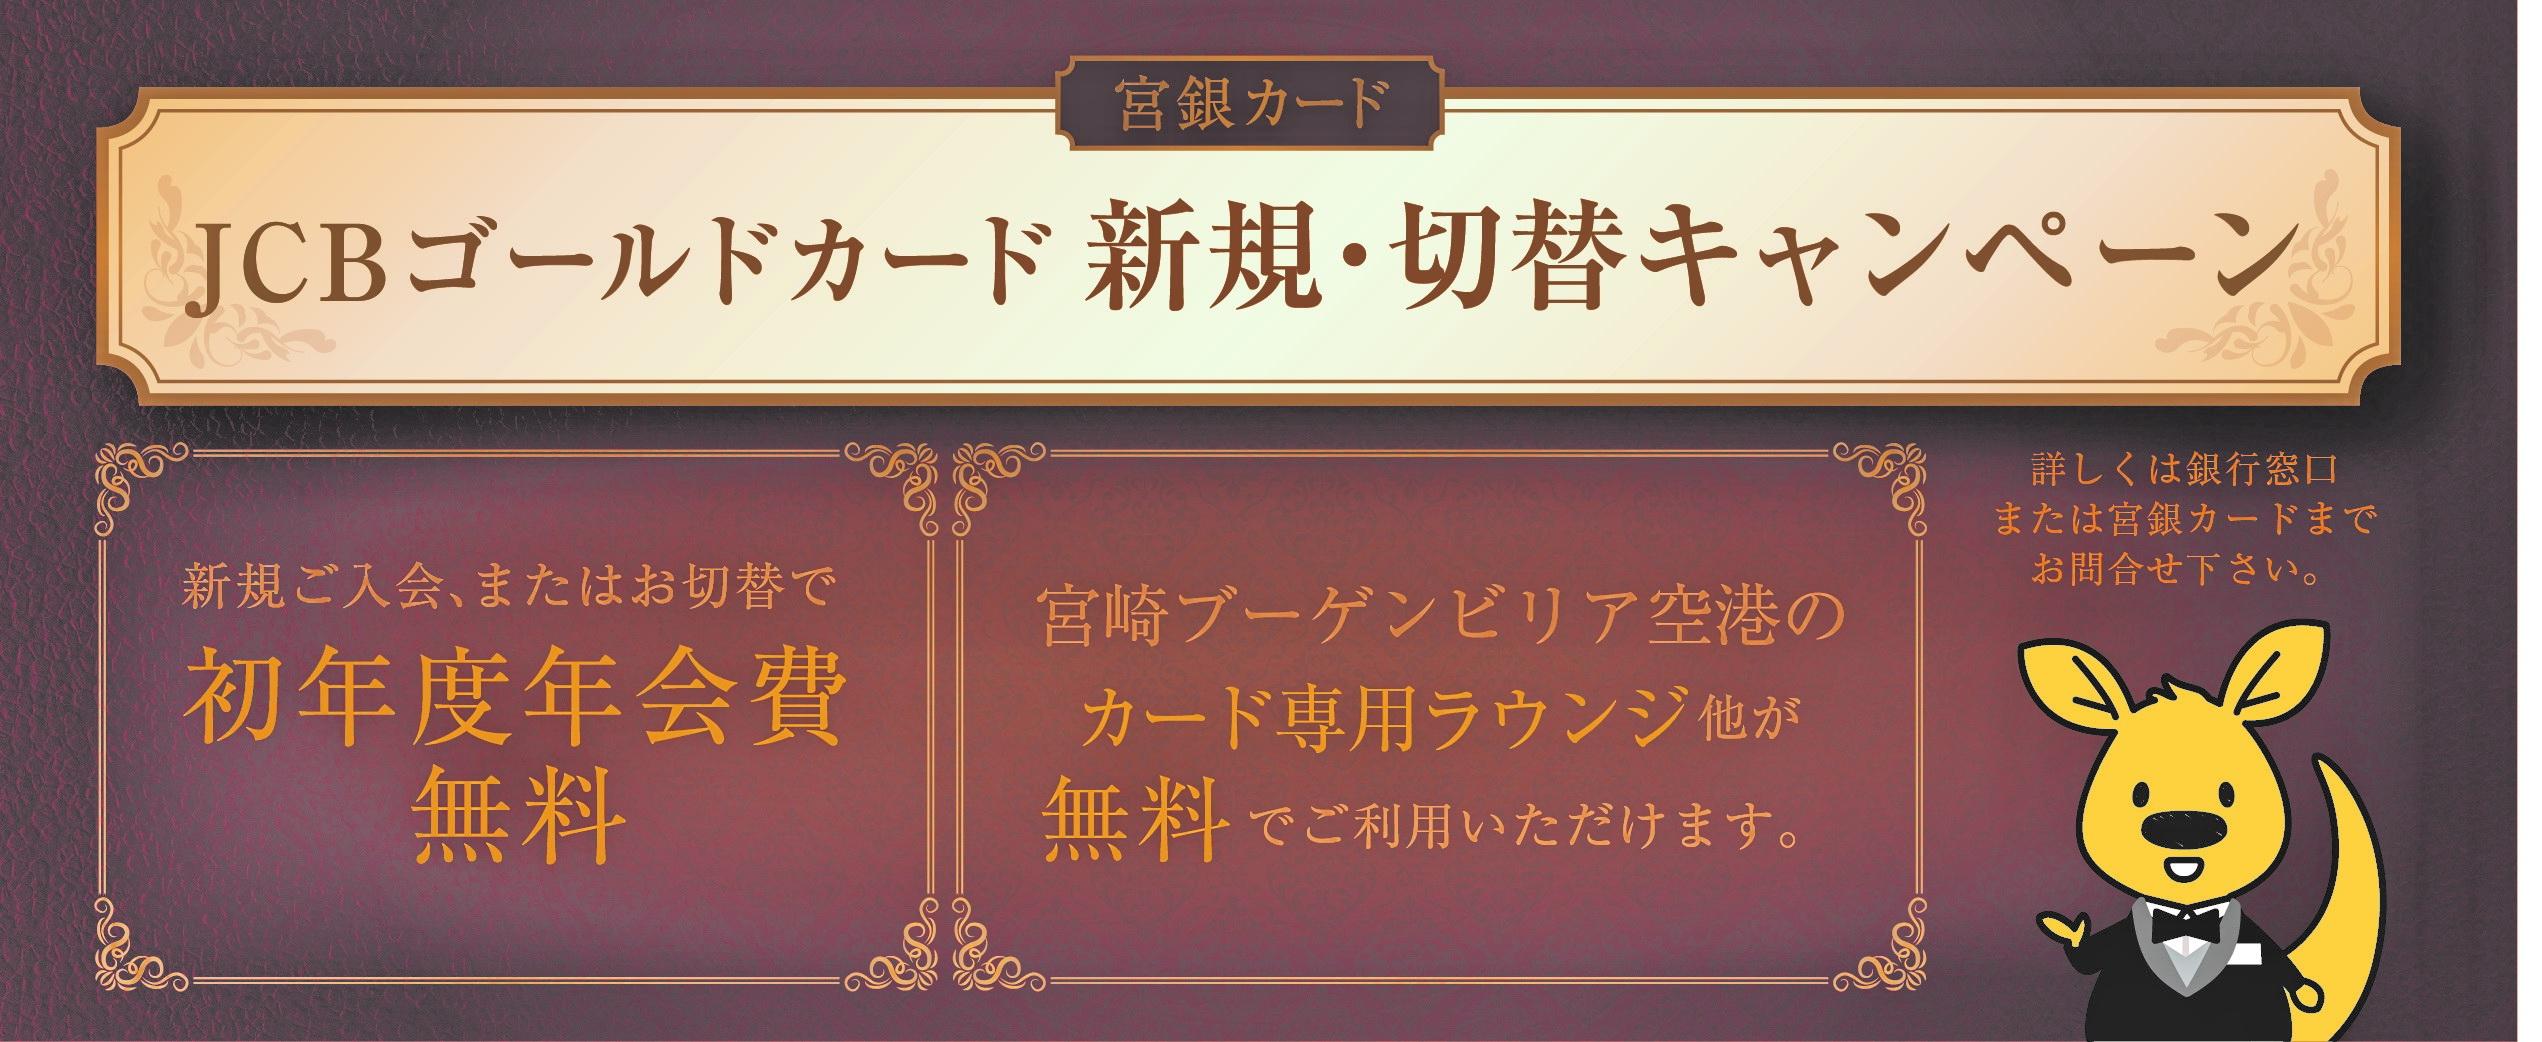 ゴールドカード新規・切替キャンペーン